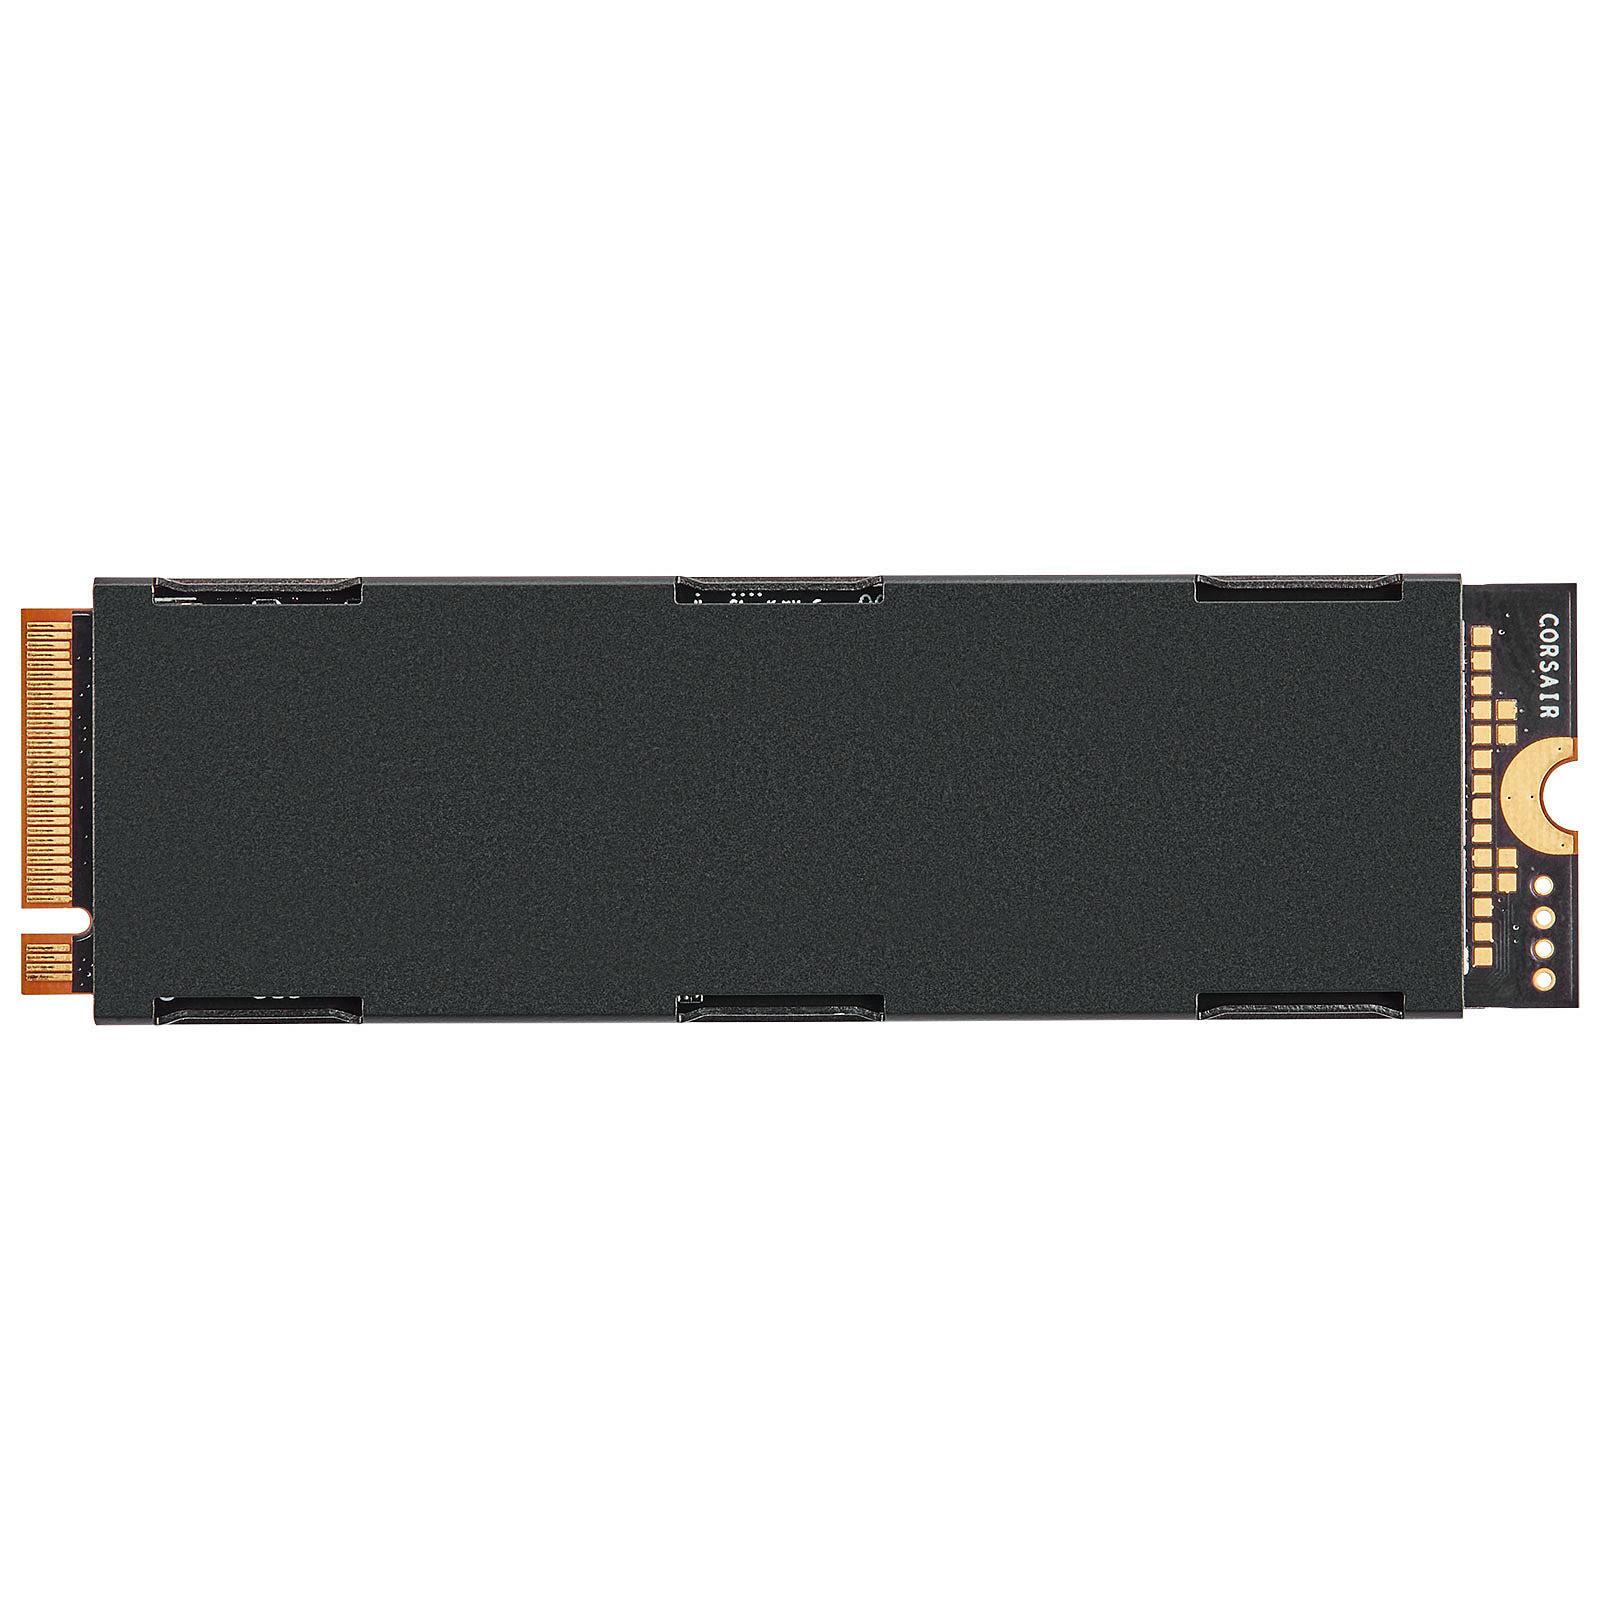 Corsair CSSD-F500GBMP600 480-525Go M.2 - Disque SSD Corsair - 1